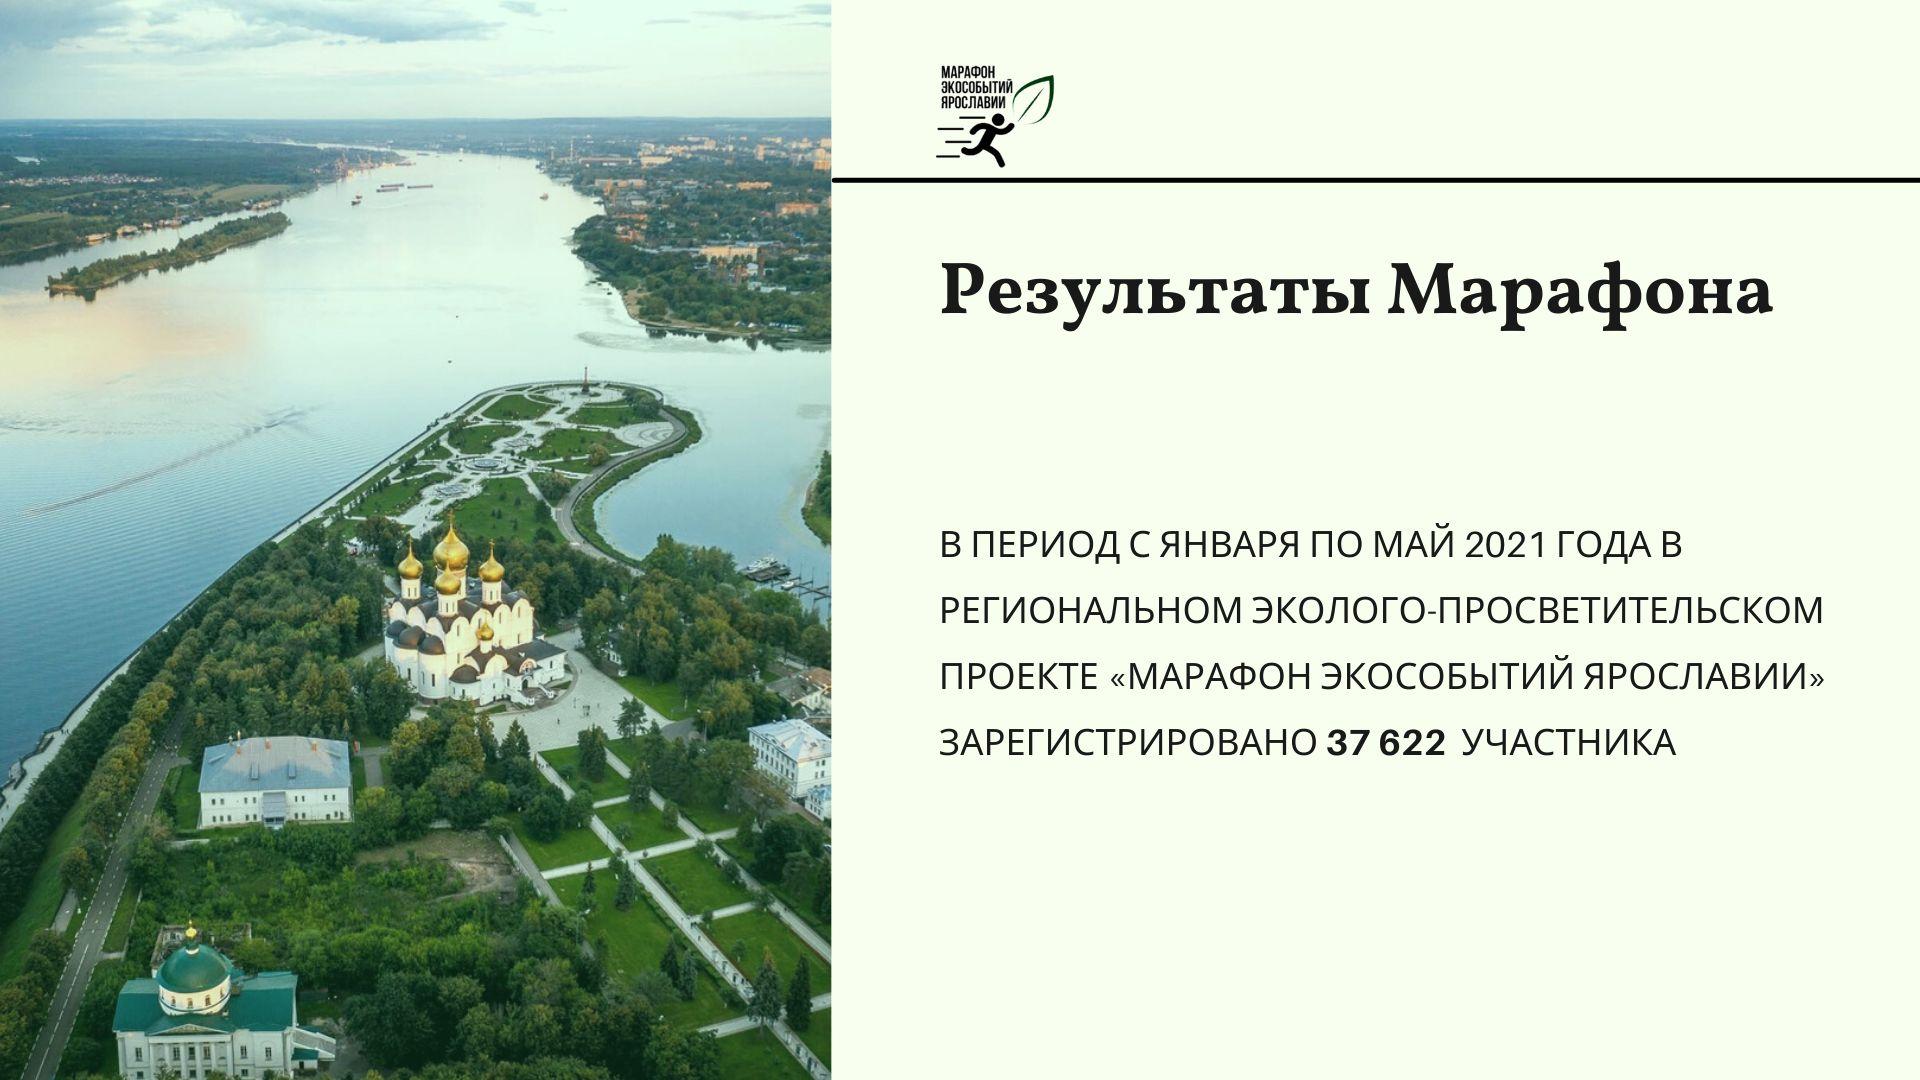 В Ярославской области подвели итоги «Марафона экособытий»